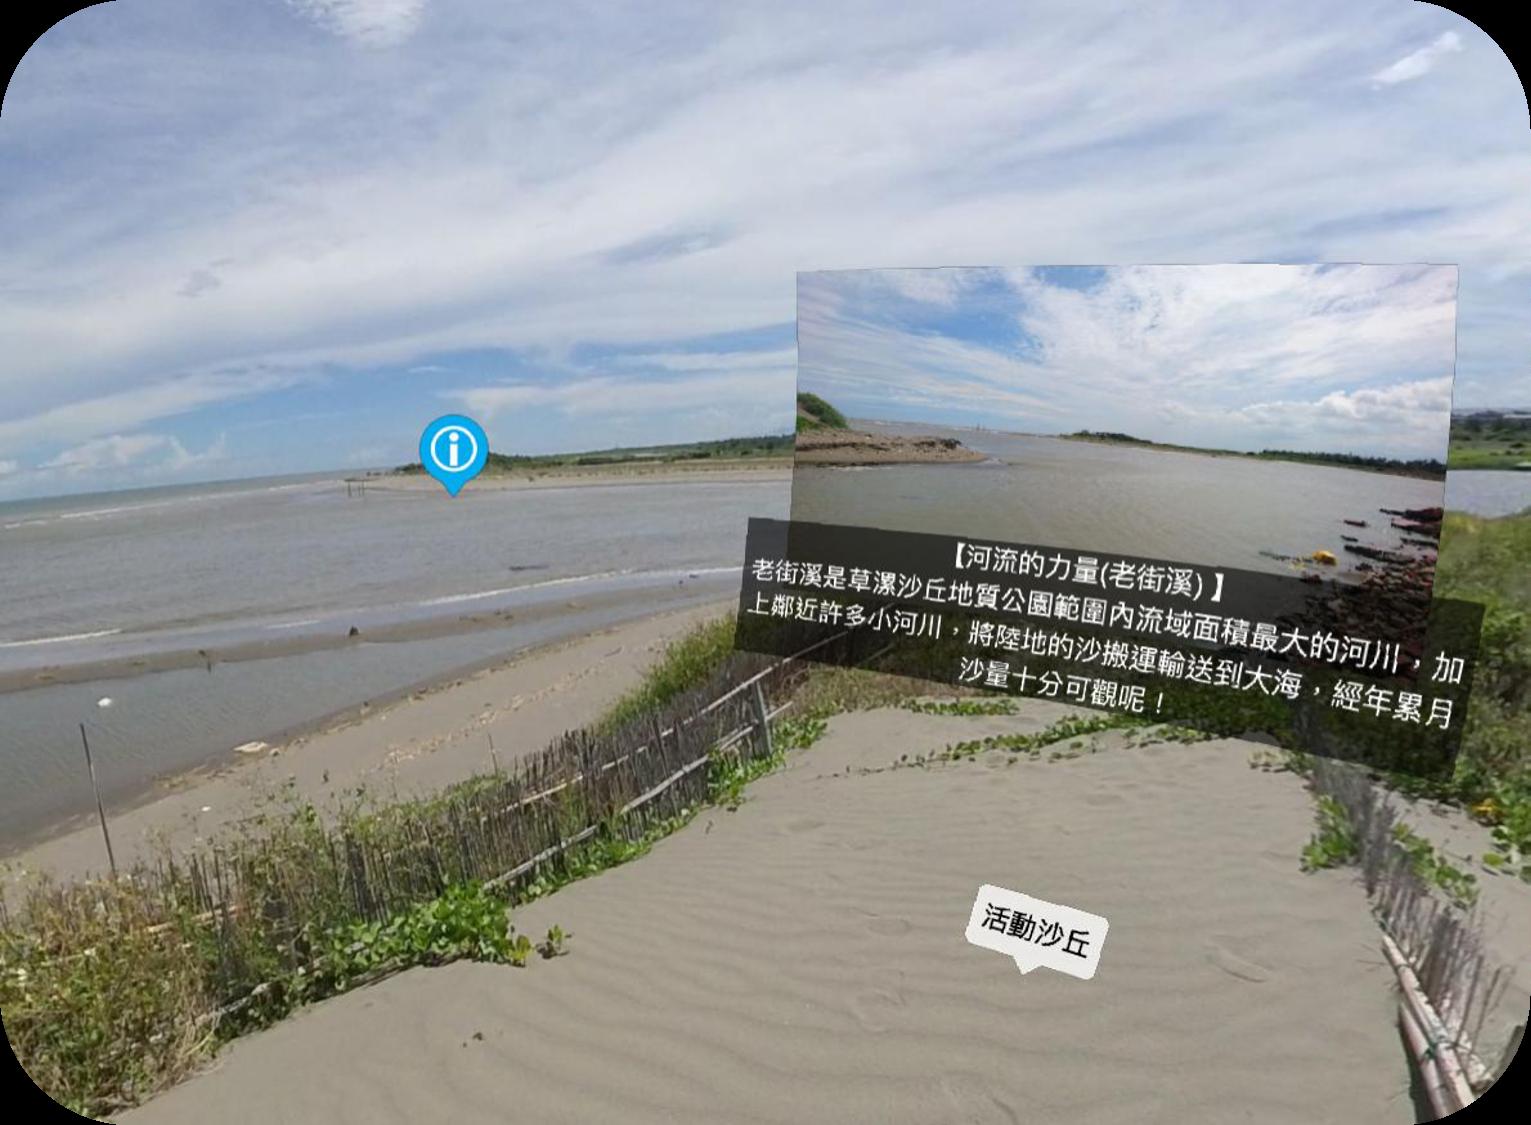 臺灣的地形與海域VR課程社會領域